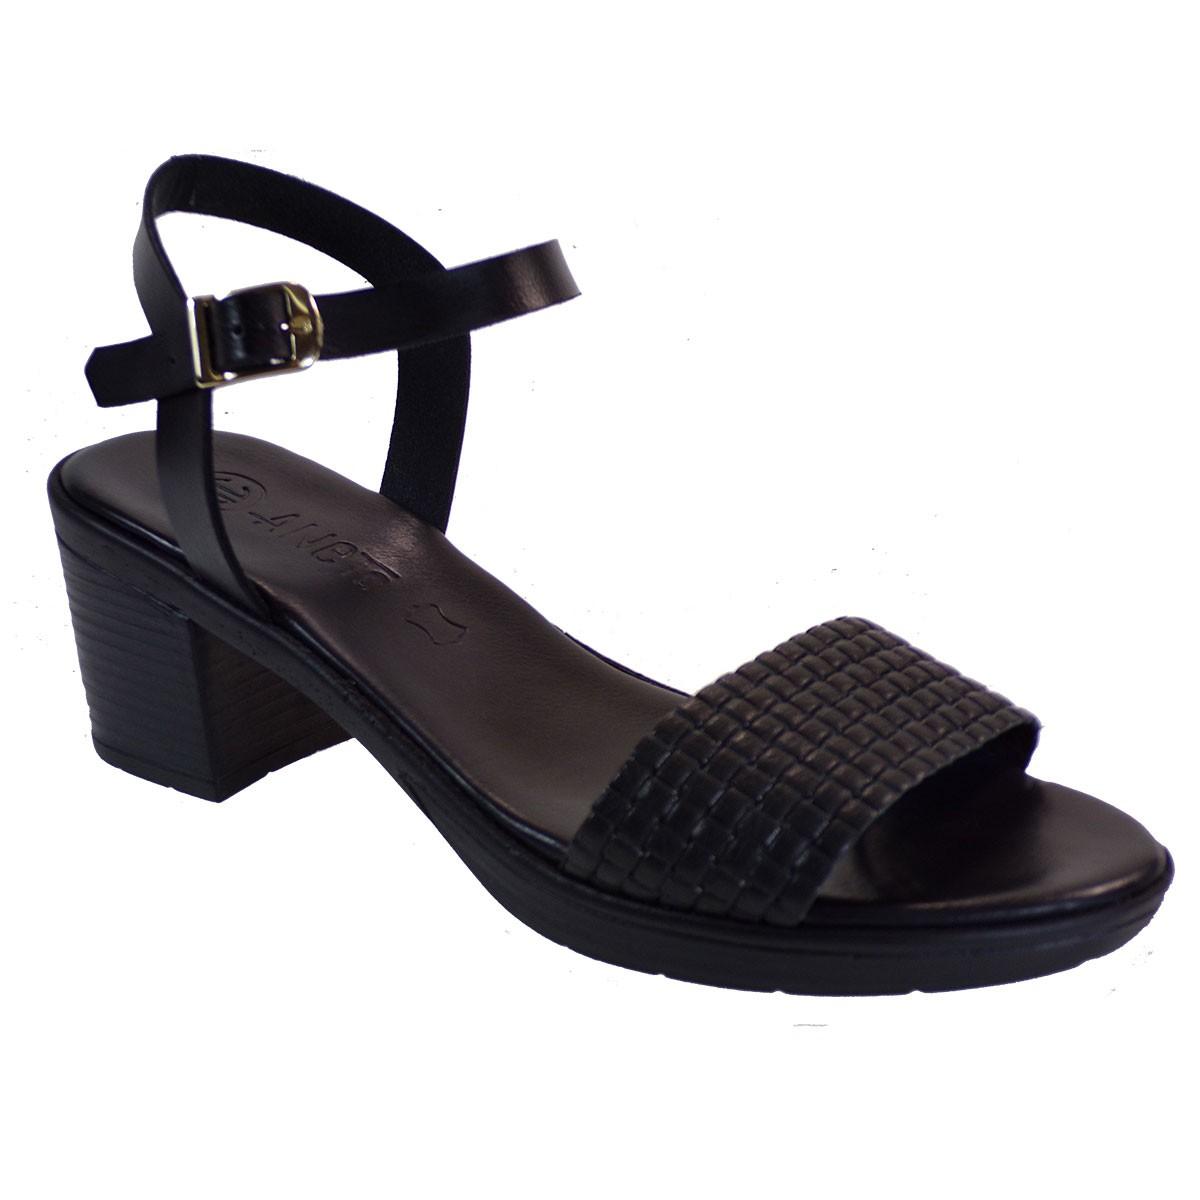 Katia Shoes Anneto Γυναικεία Πέδιλα 46-115 Μαύρο Δέρμα